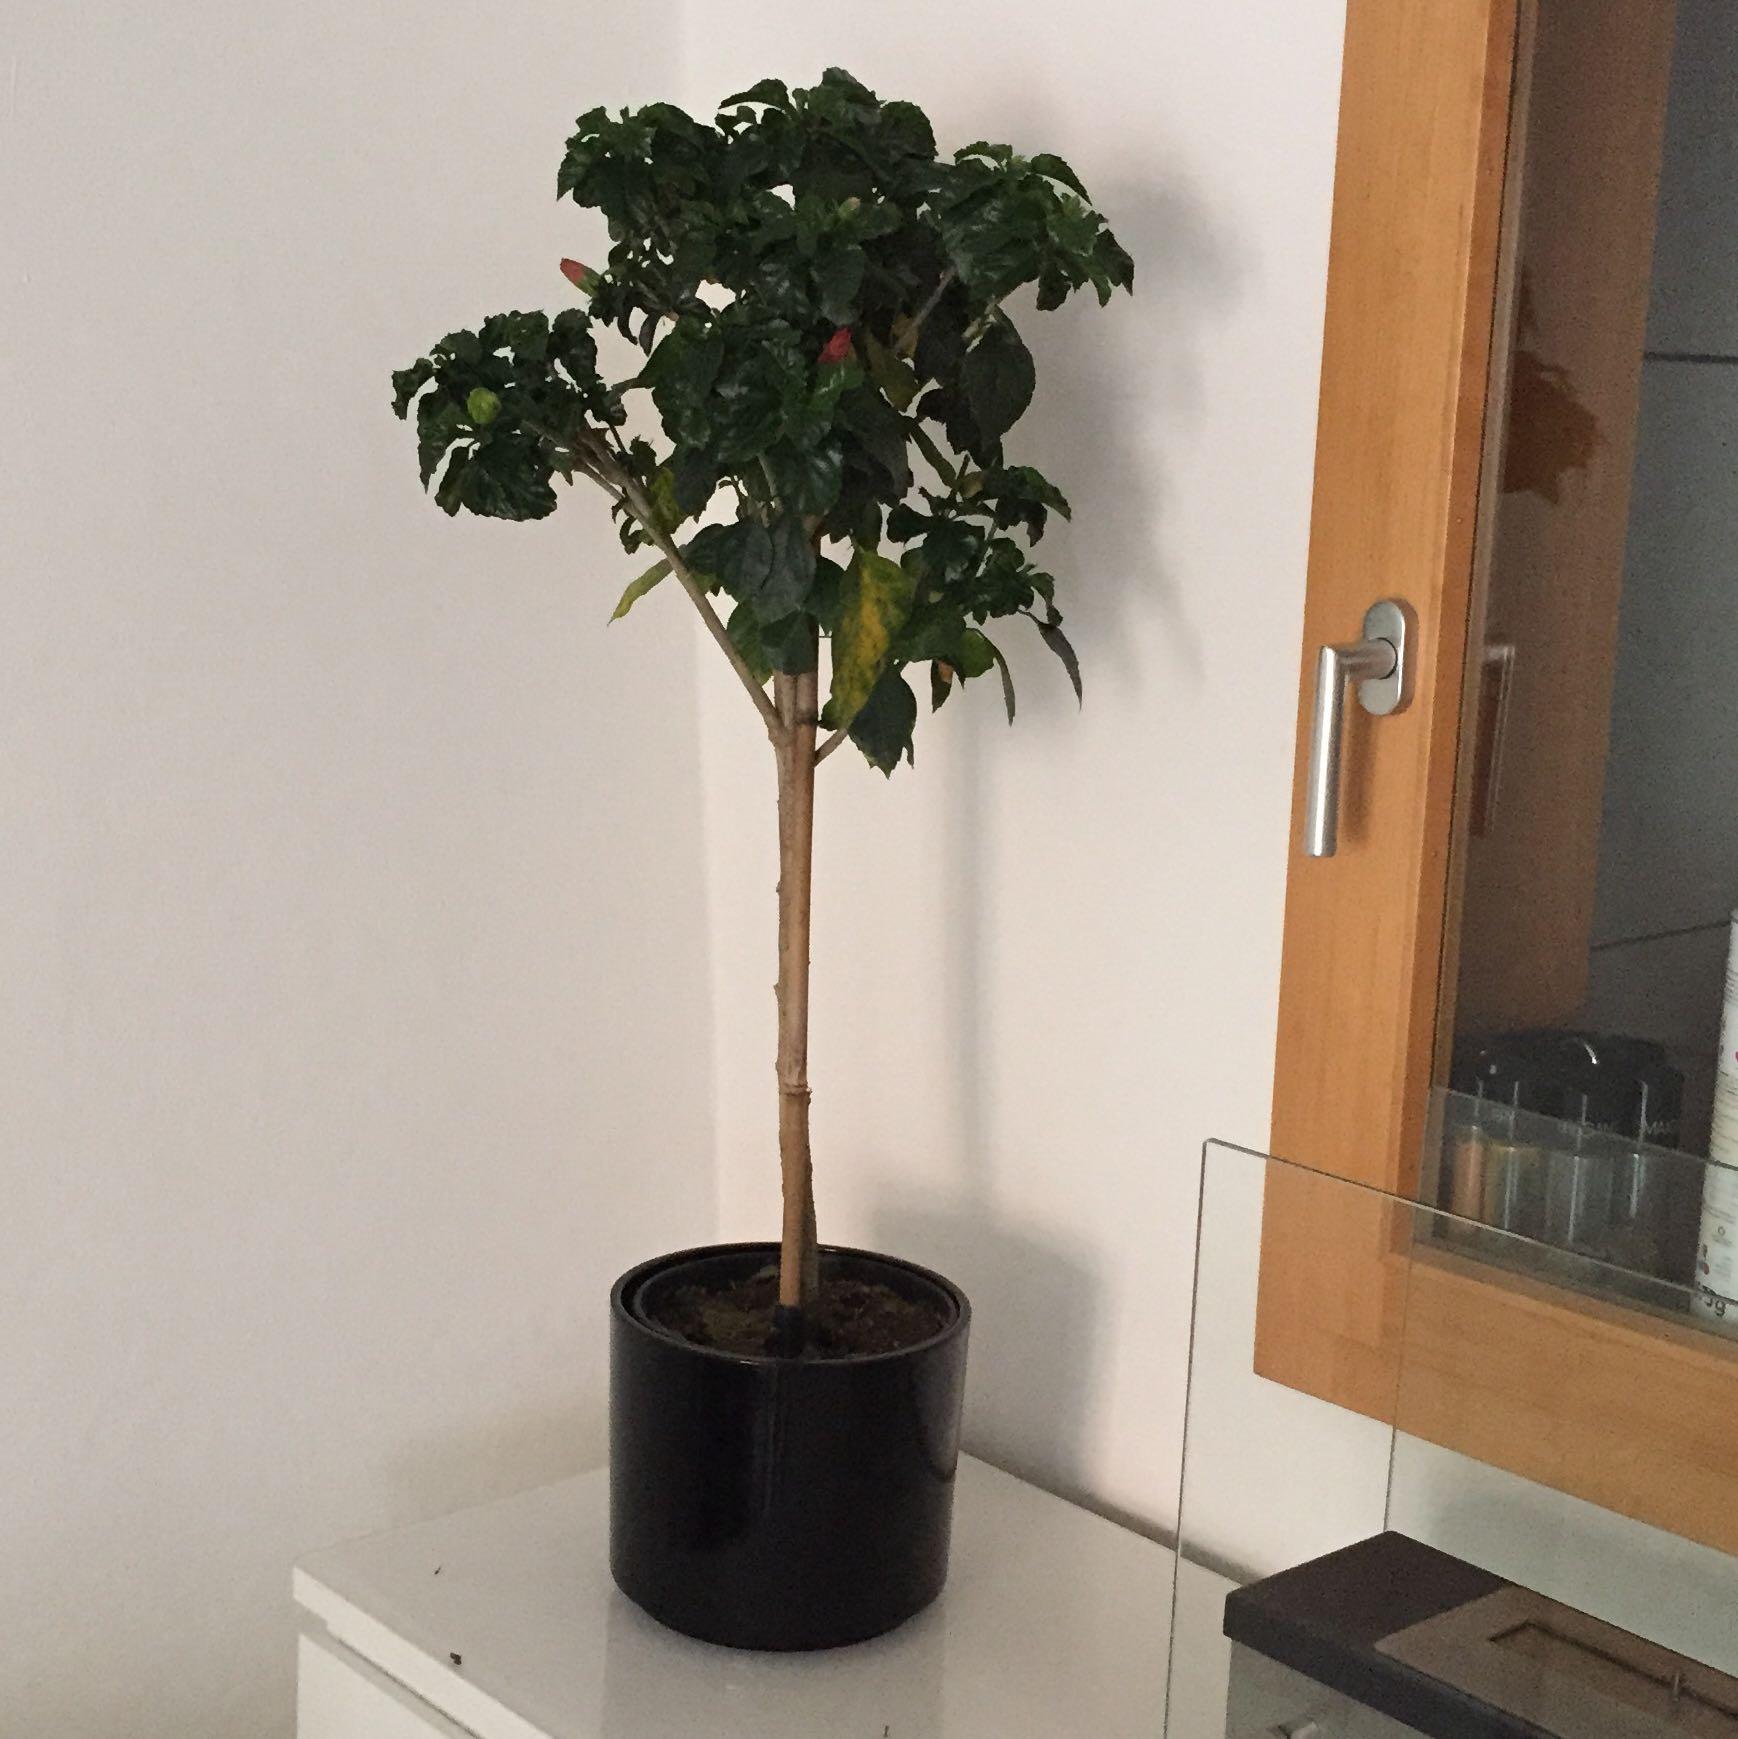 wie pflege ich meinen hibiskus in der wohnung am besten garten. Black Bedroom Furniture Sets. Home Design Ideas